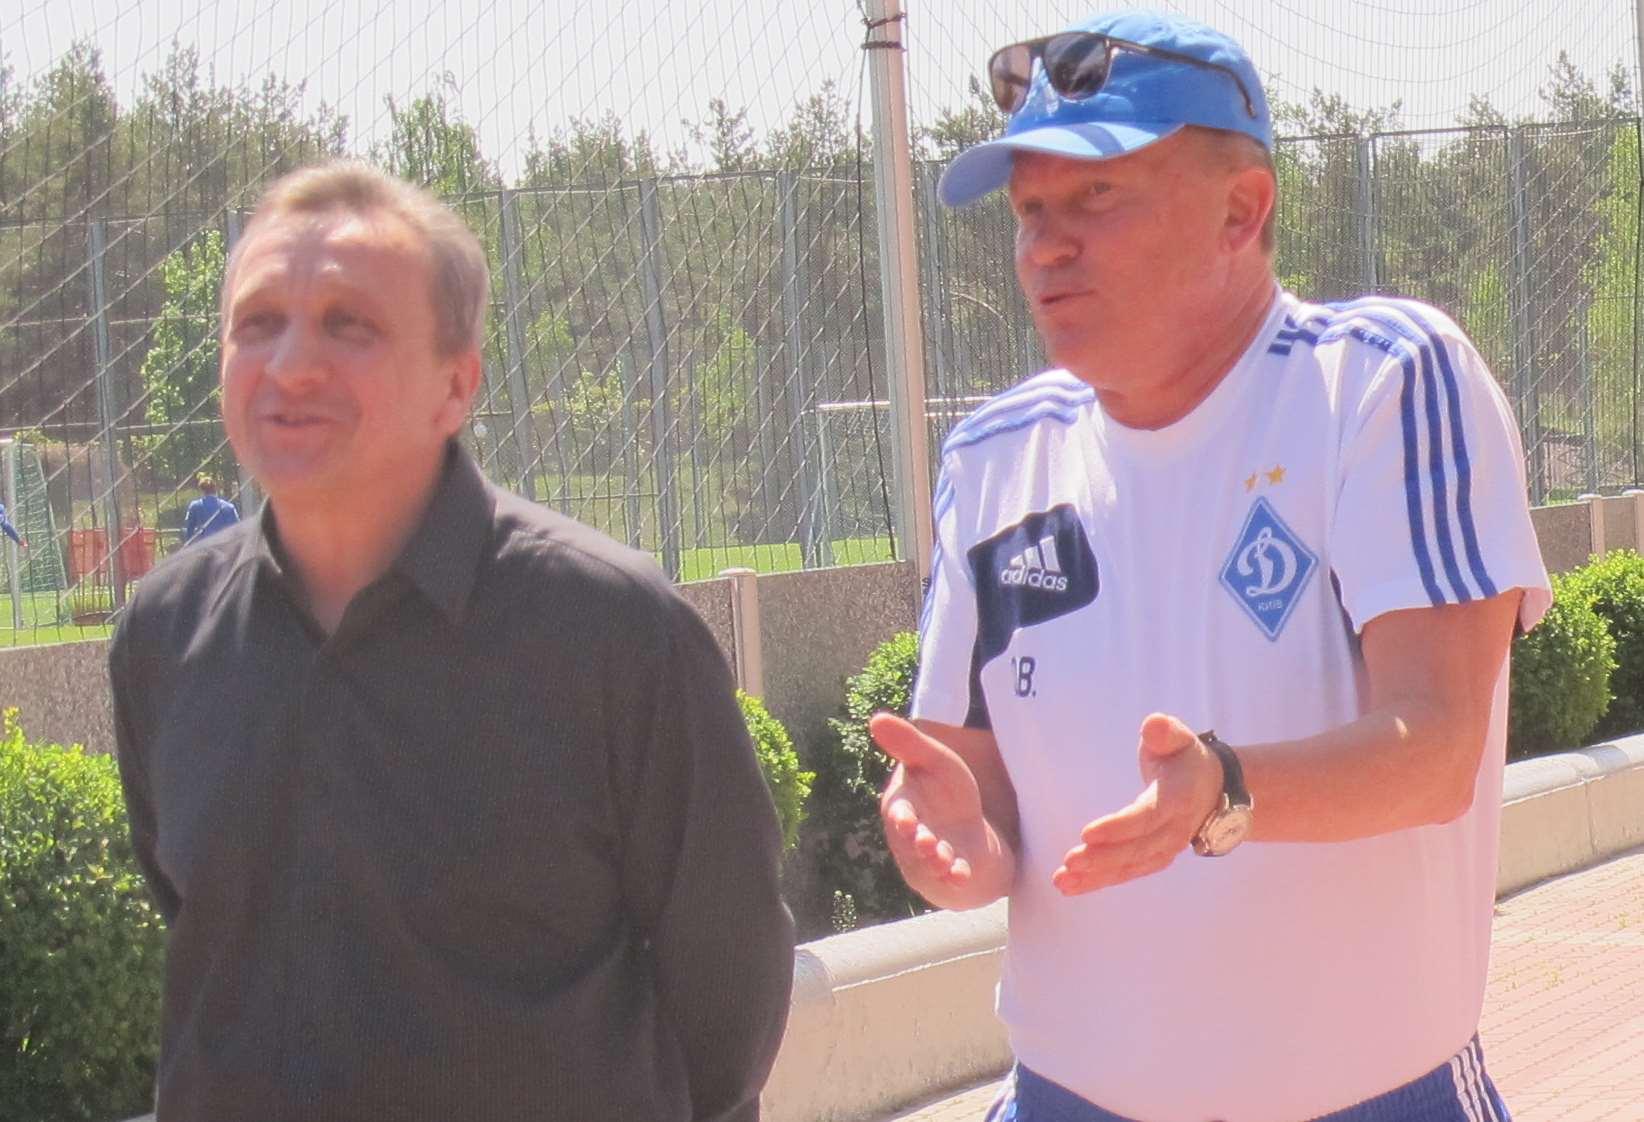 Вице-президент Динамо Алексей Семененко и главный тренер Динамо Олег Блохин